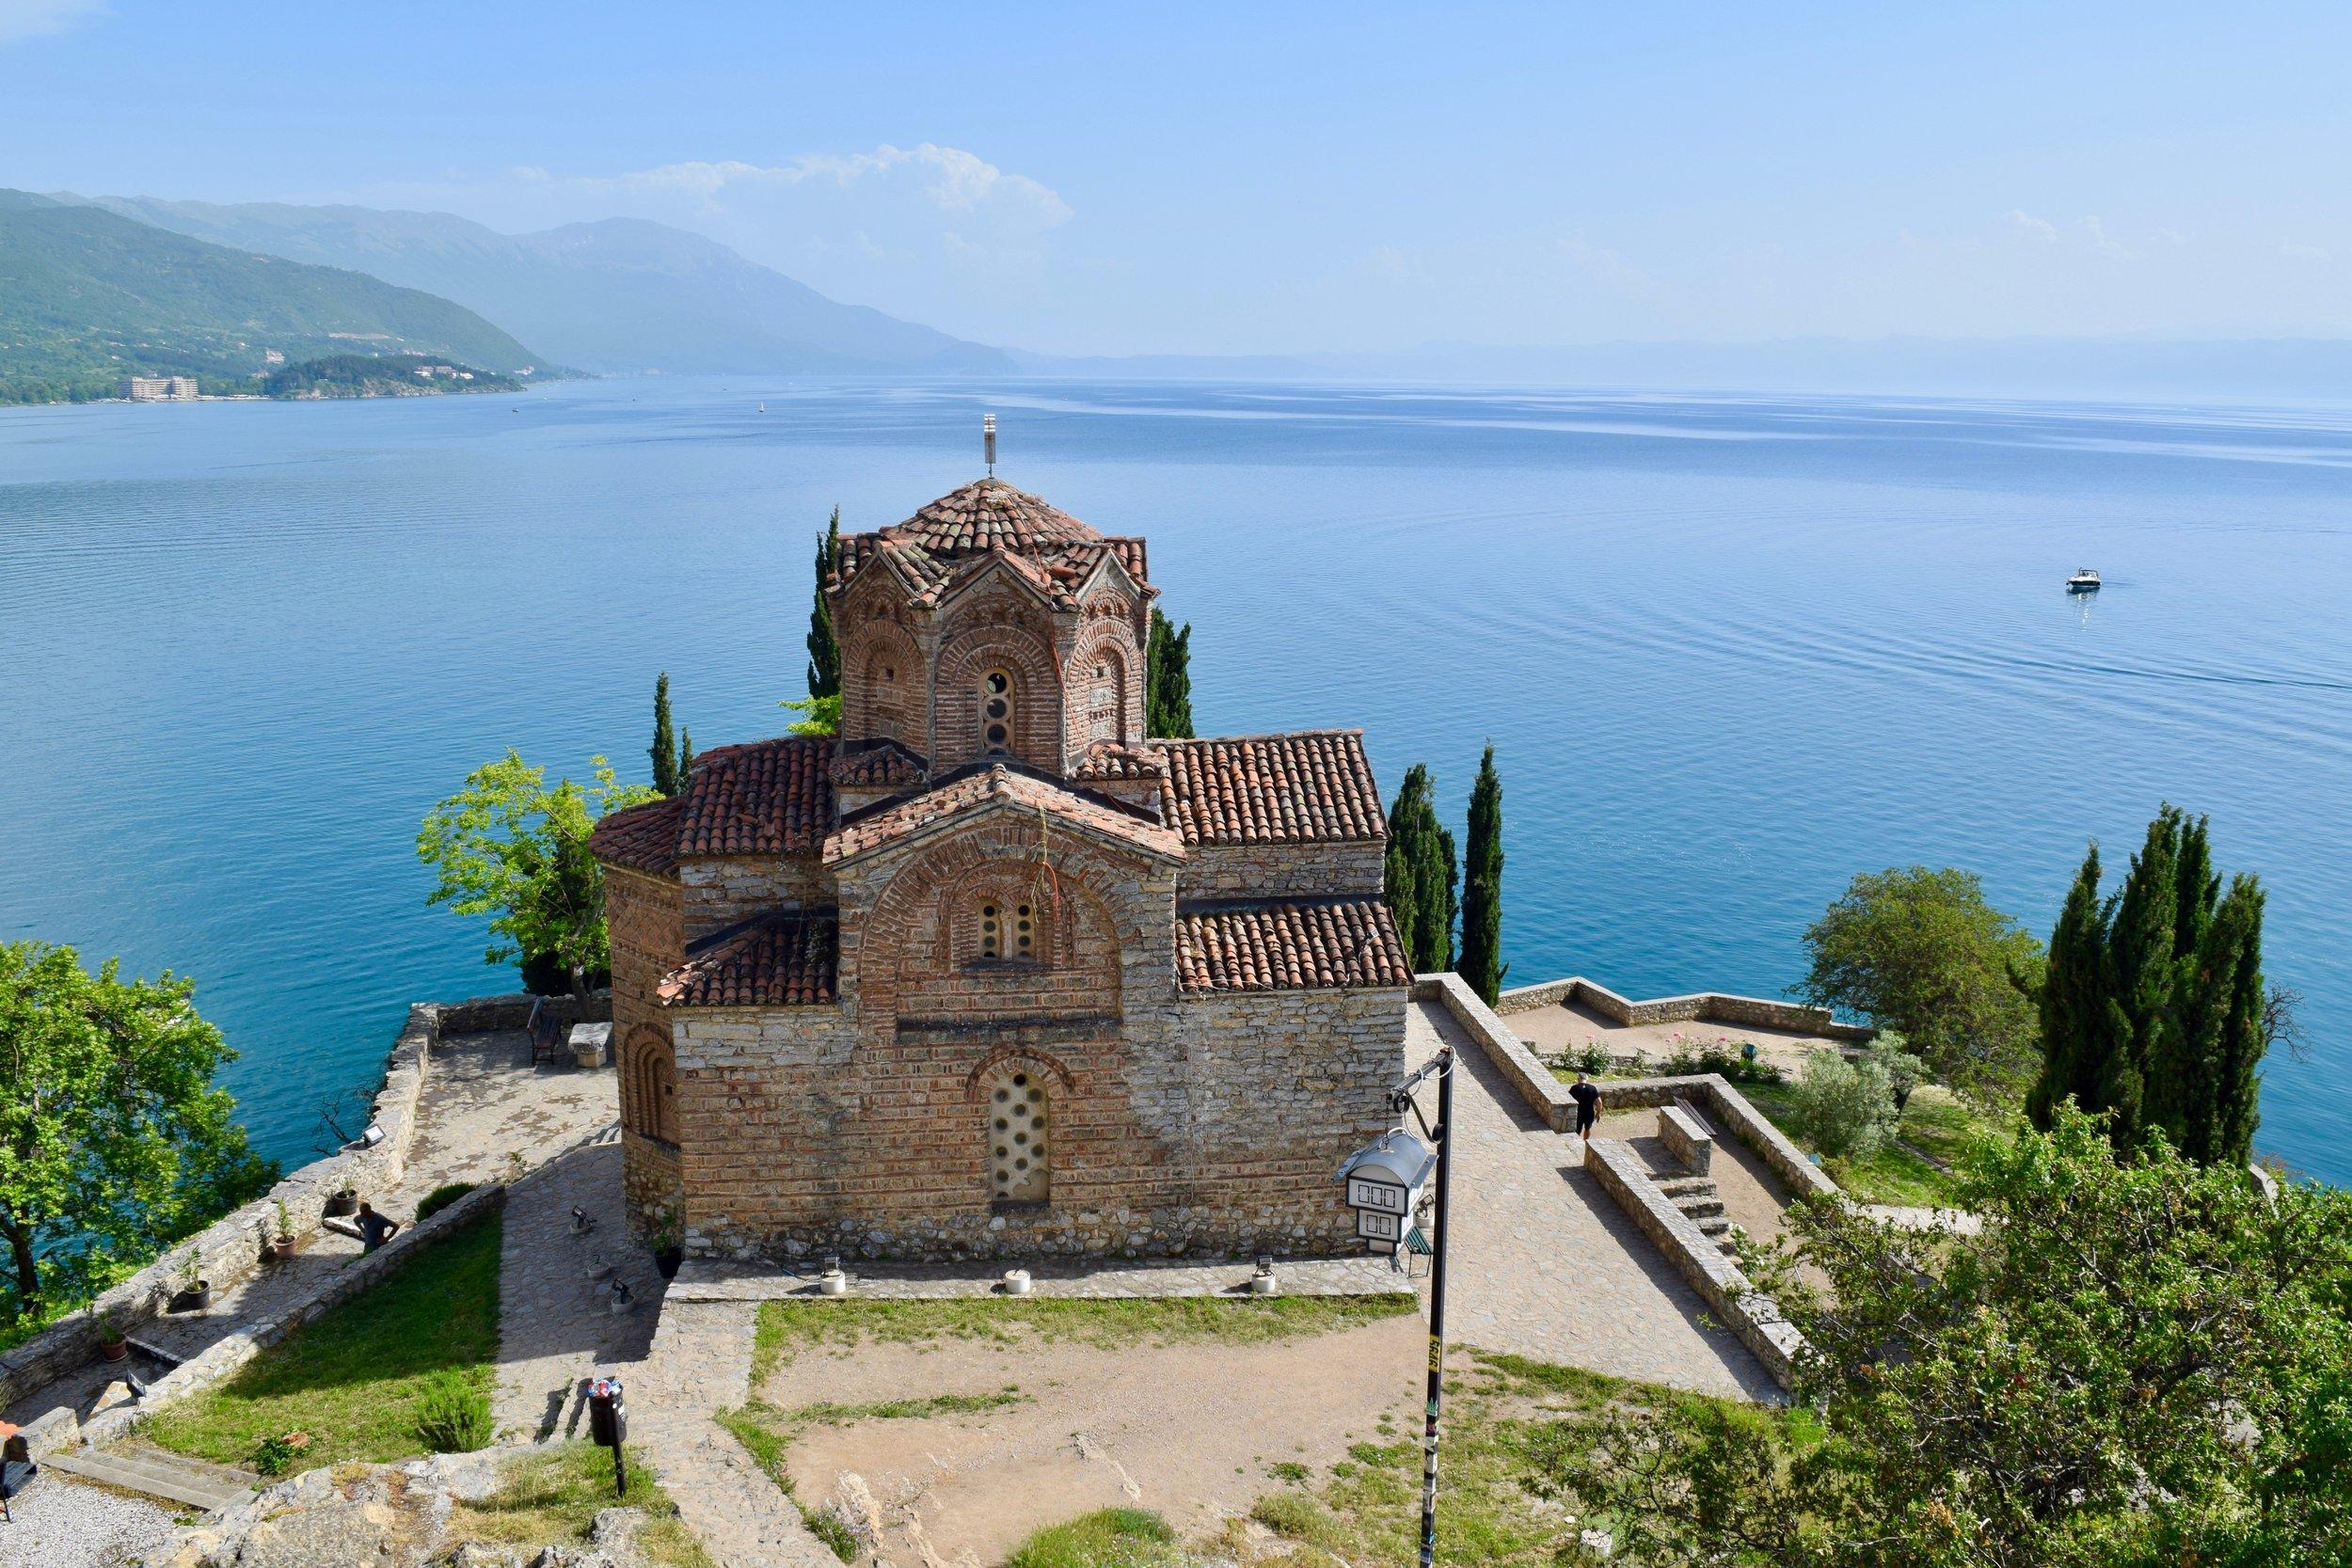 Church of St. John at Kaneo and view of Lake Ohrid